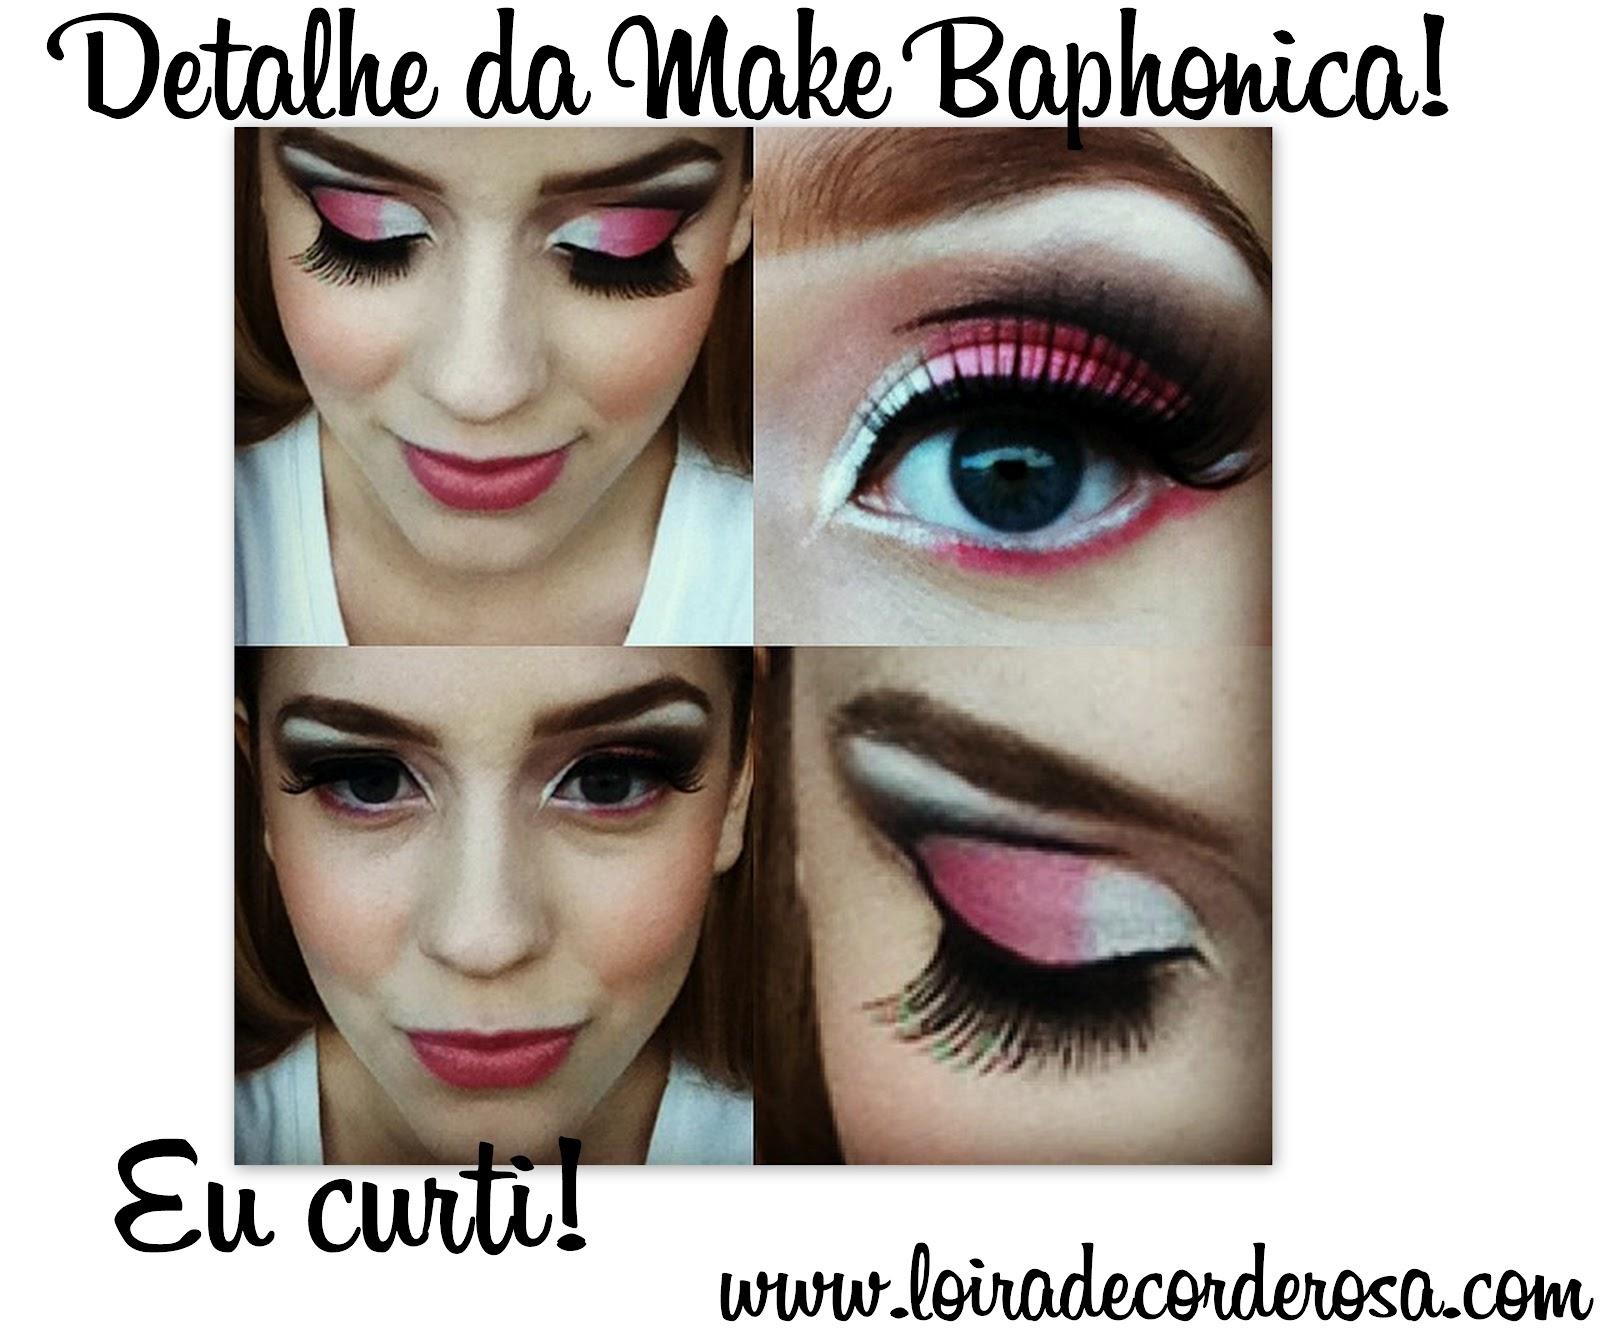 http://3.bp.blogspot.com/-8ajxYnrcCj0/UBx-7M57F-I/AAAAAAAAEEc/SGfzBZV2WKo/s1600/Maquiagem_Sophia_Abrah%C3%A3o_Make_up_Demi_Lovato.jpg